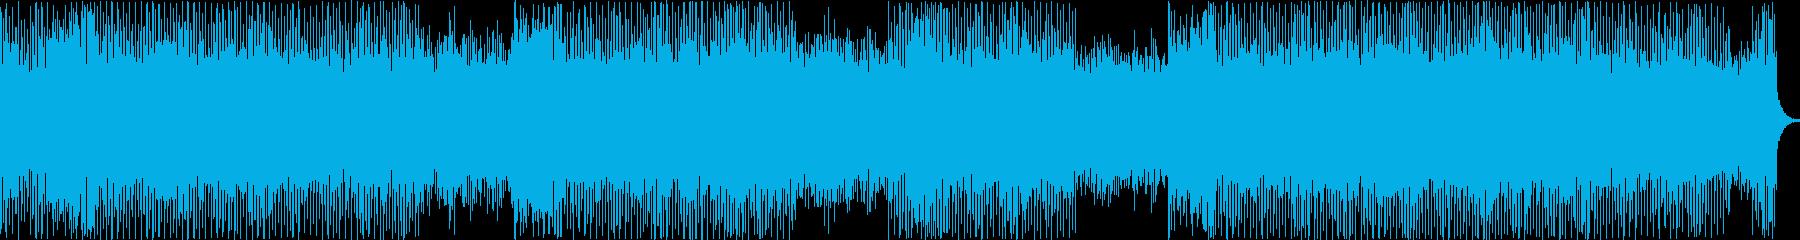 どこまでも走れそうなテクノポップの再生済みの波形